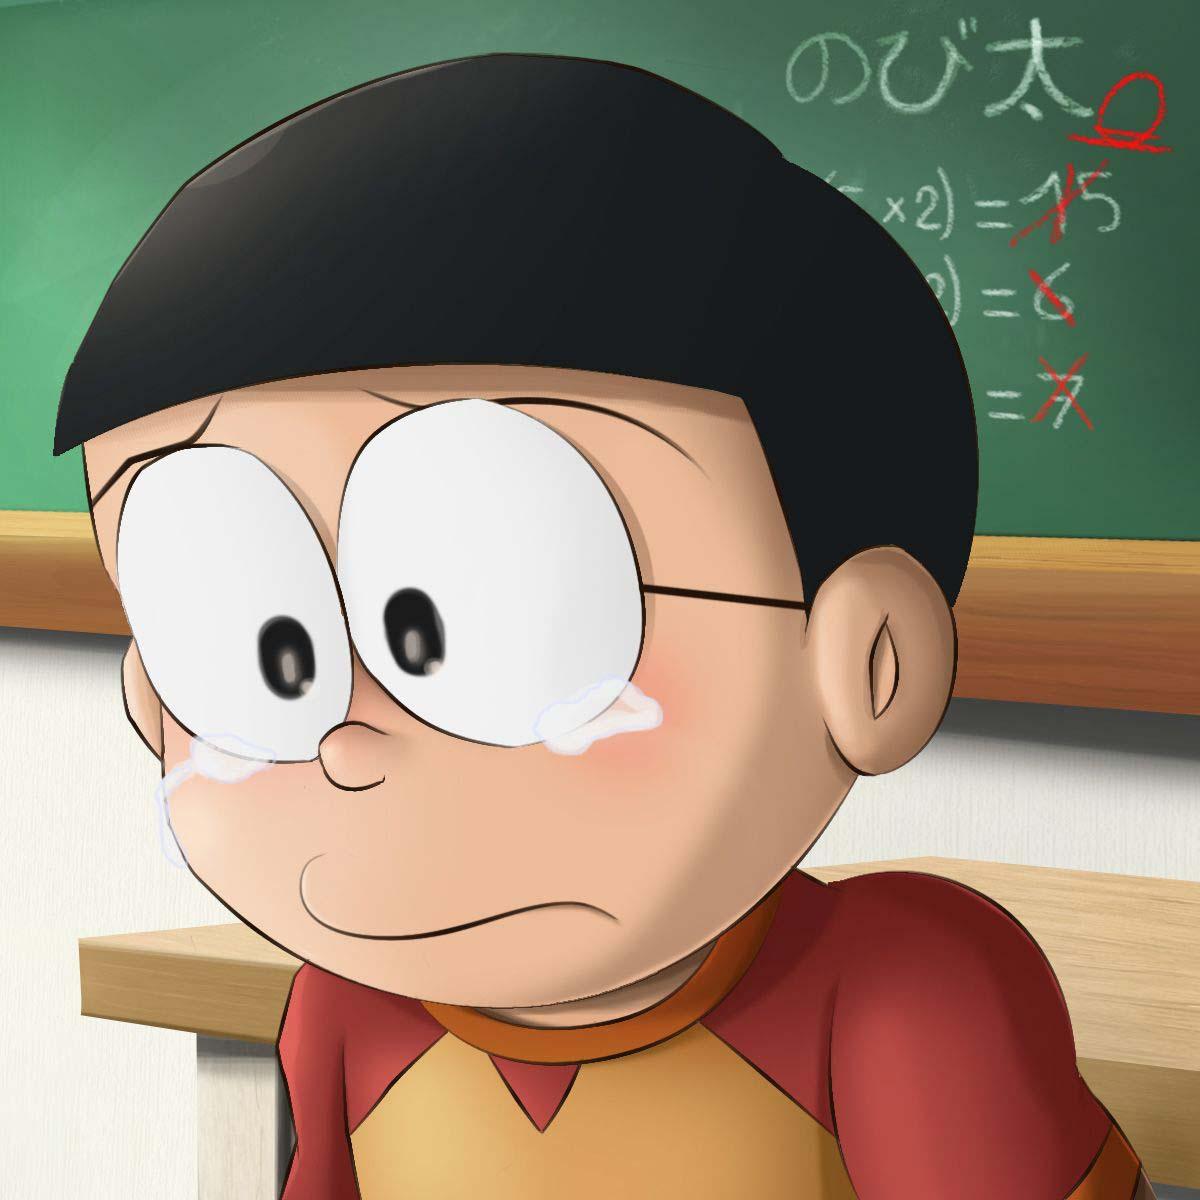 Ảnh nobita buồn đẹp nhất